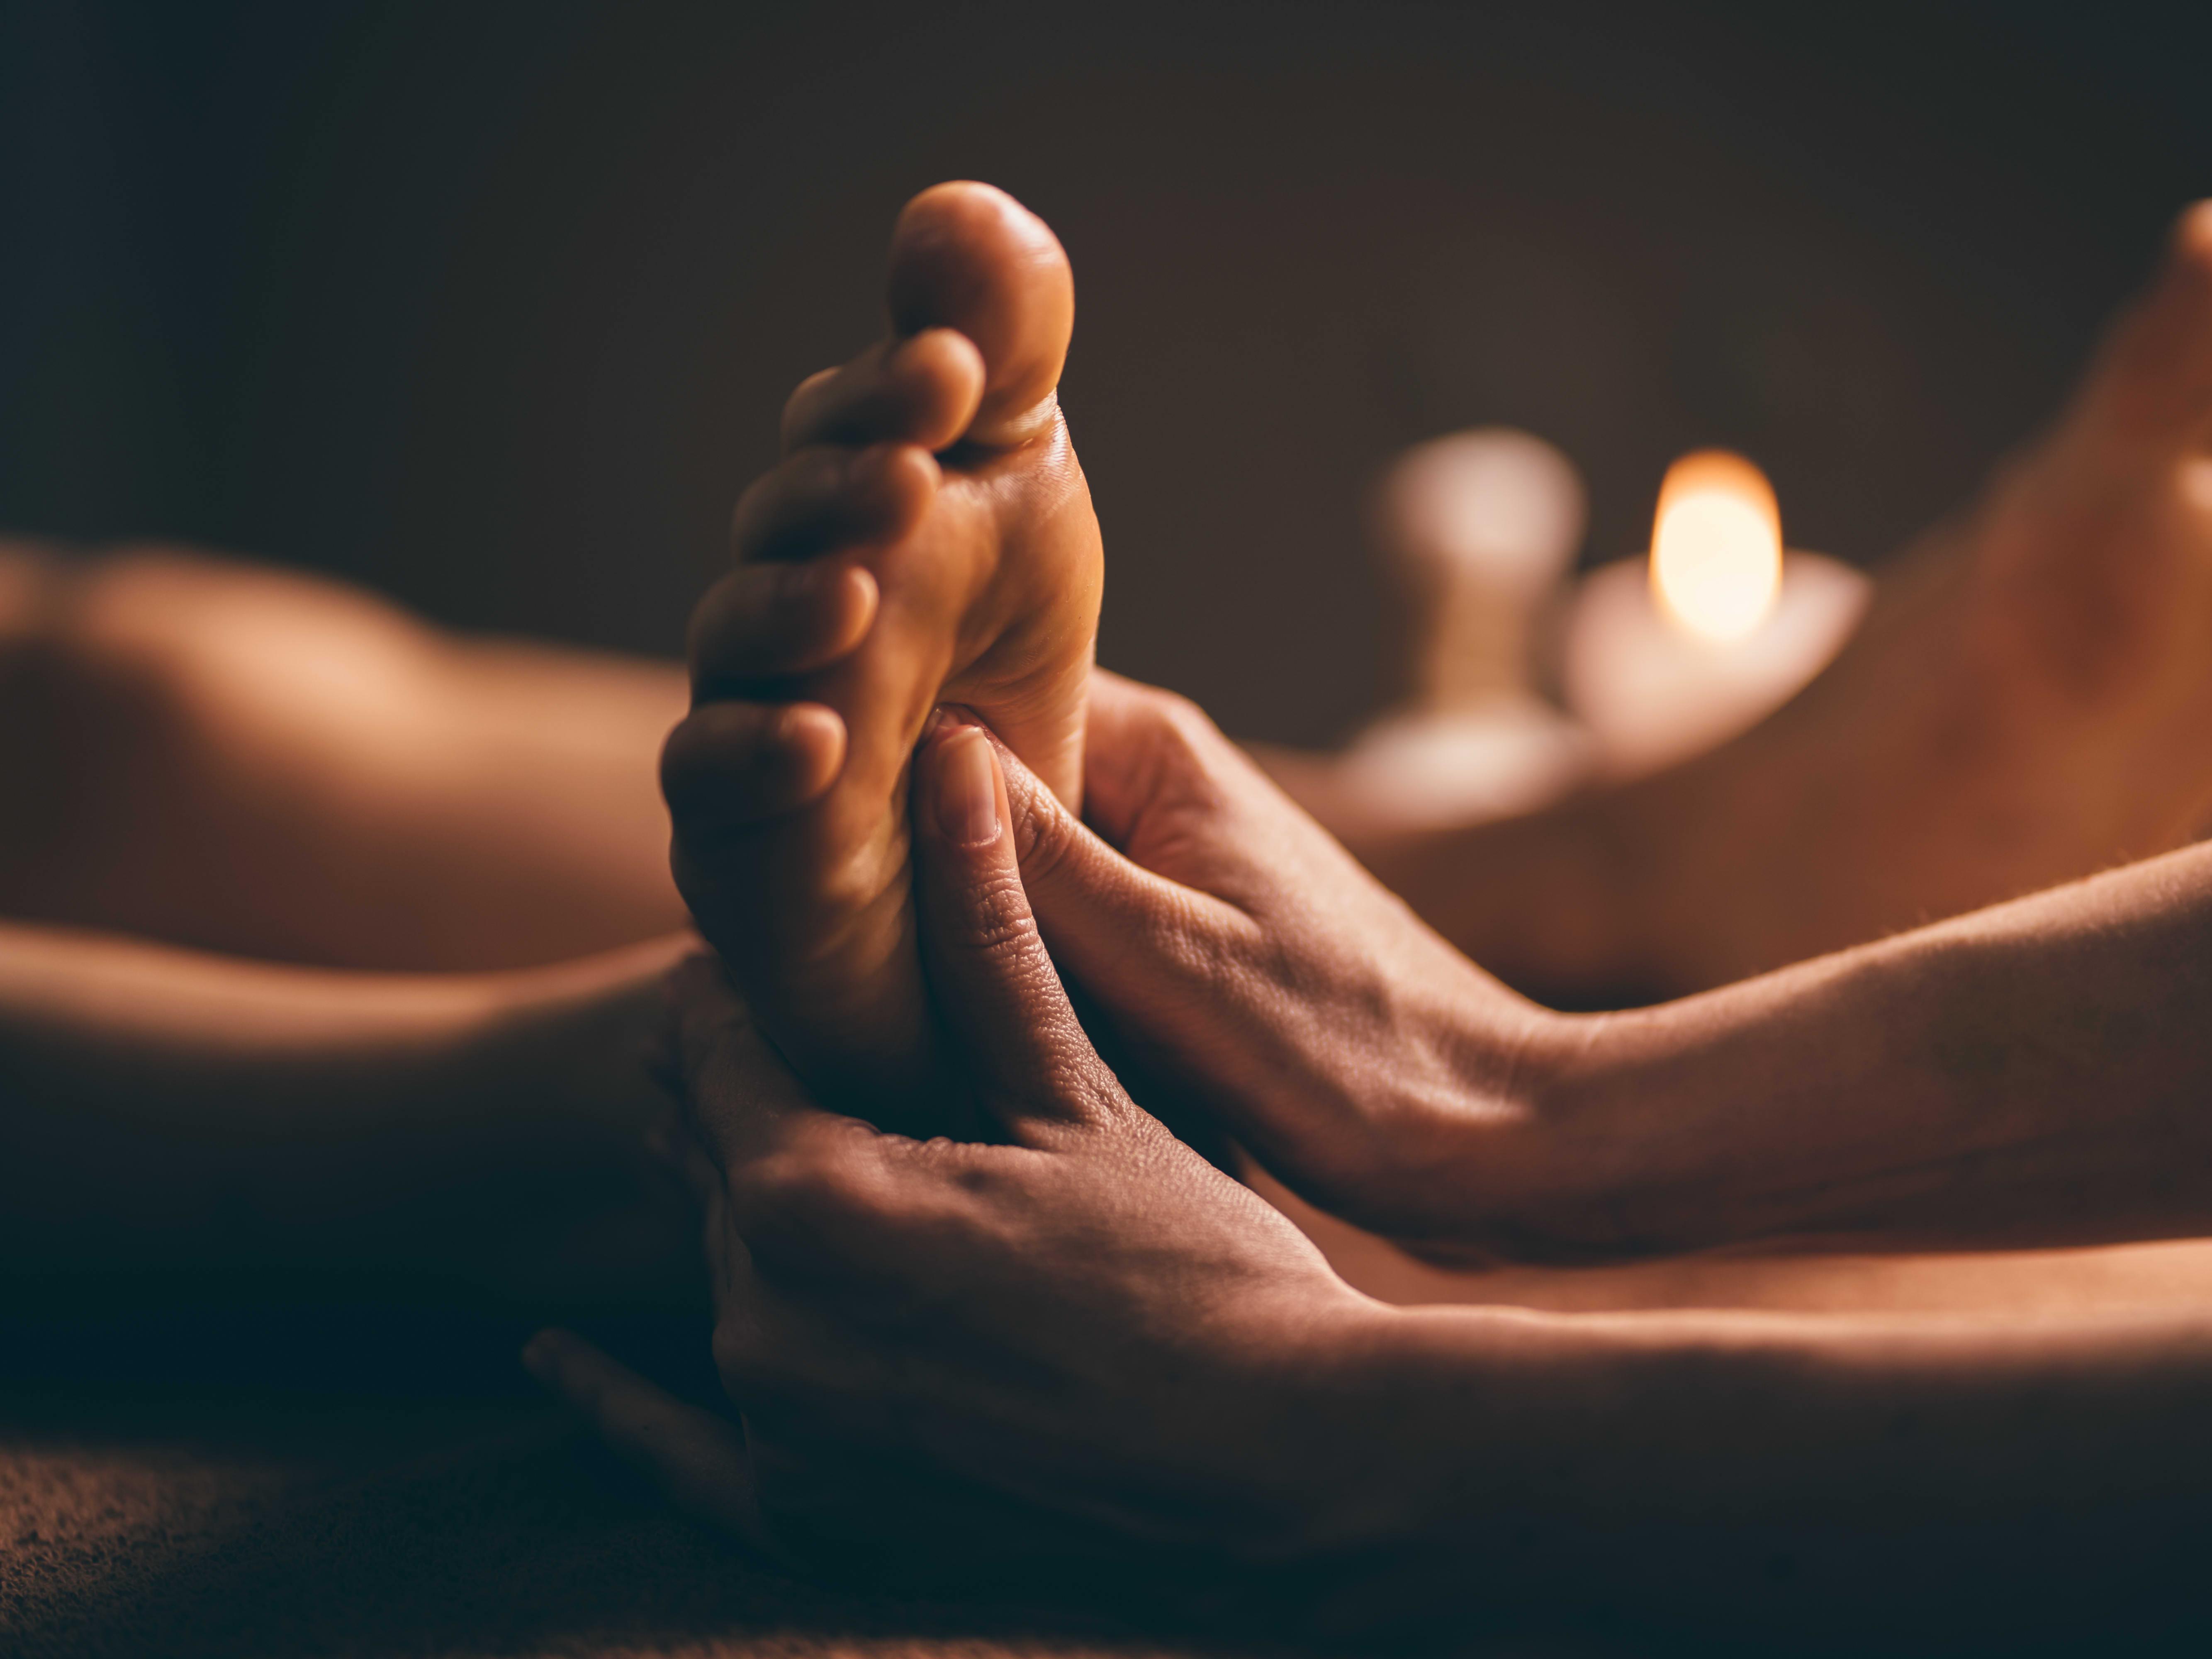 40-Min Foot Reflexology + 20-Min Back/Shoulder Massage (1 Session)